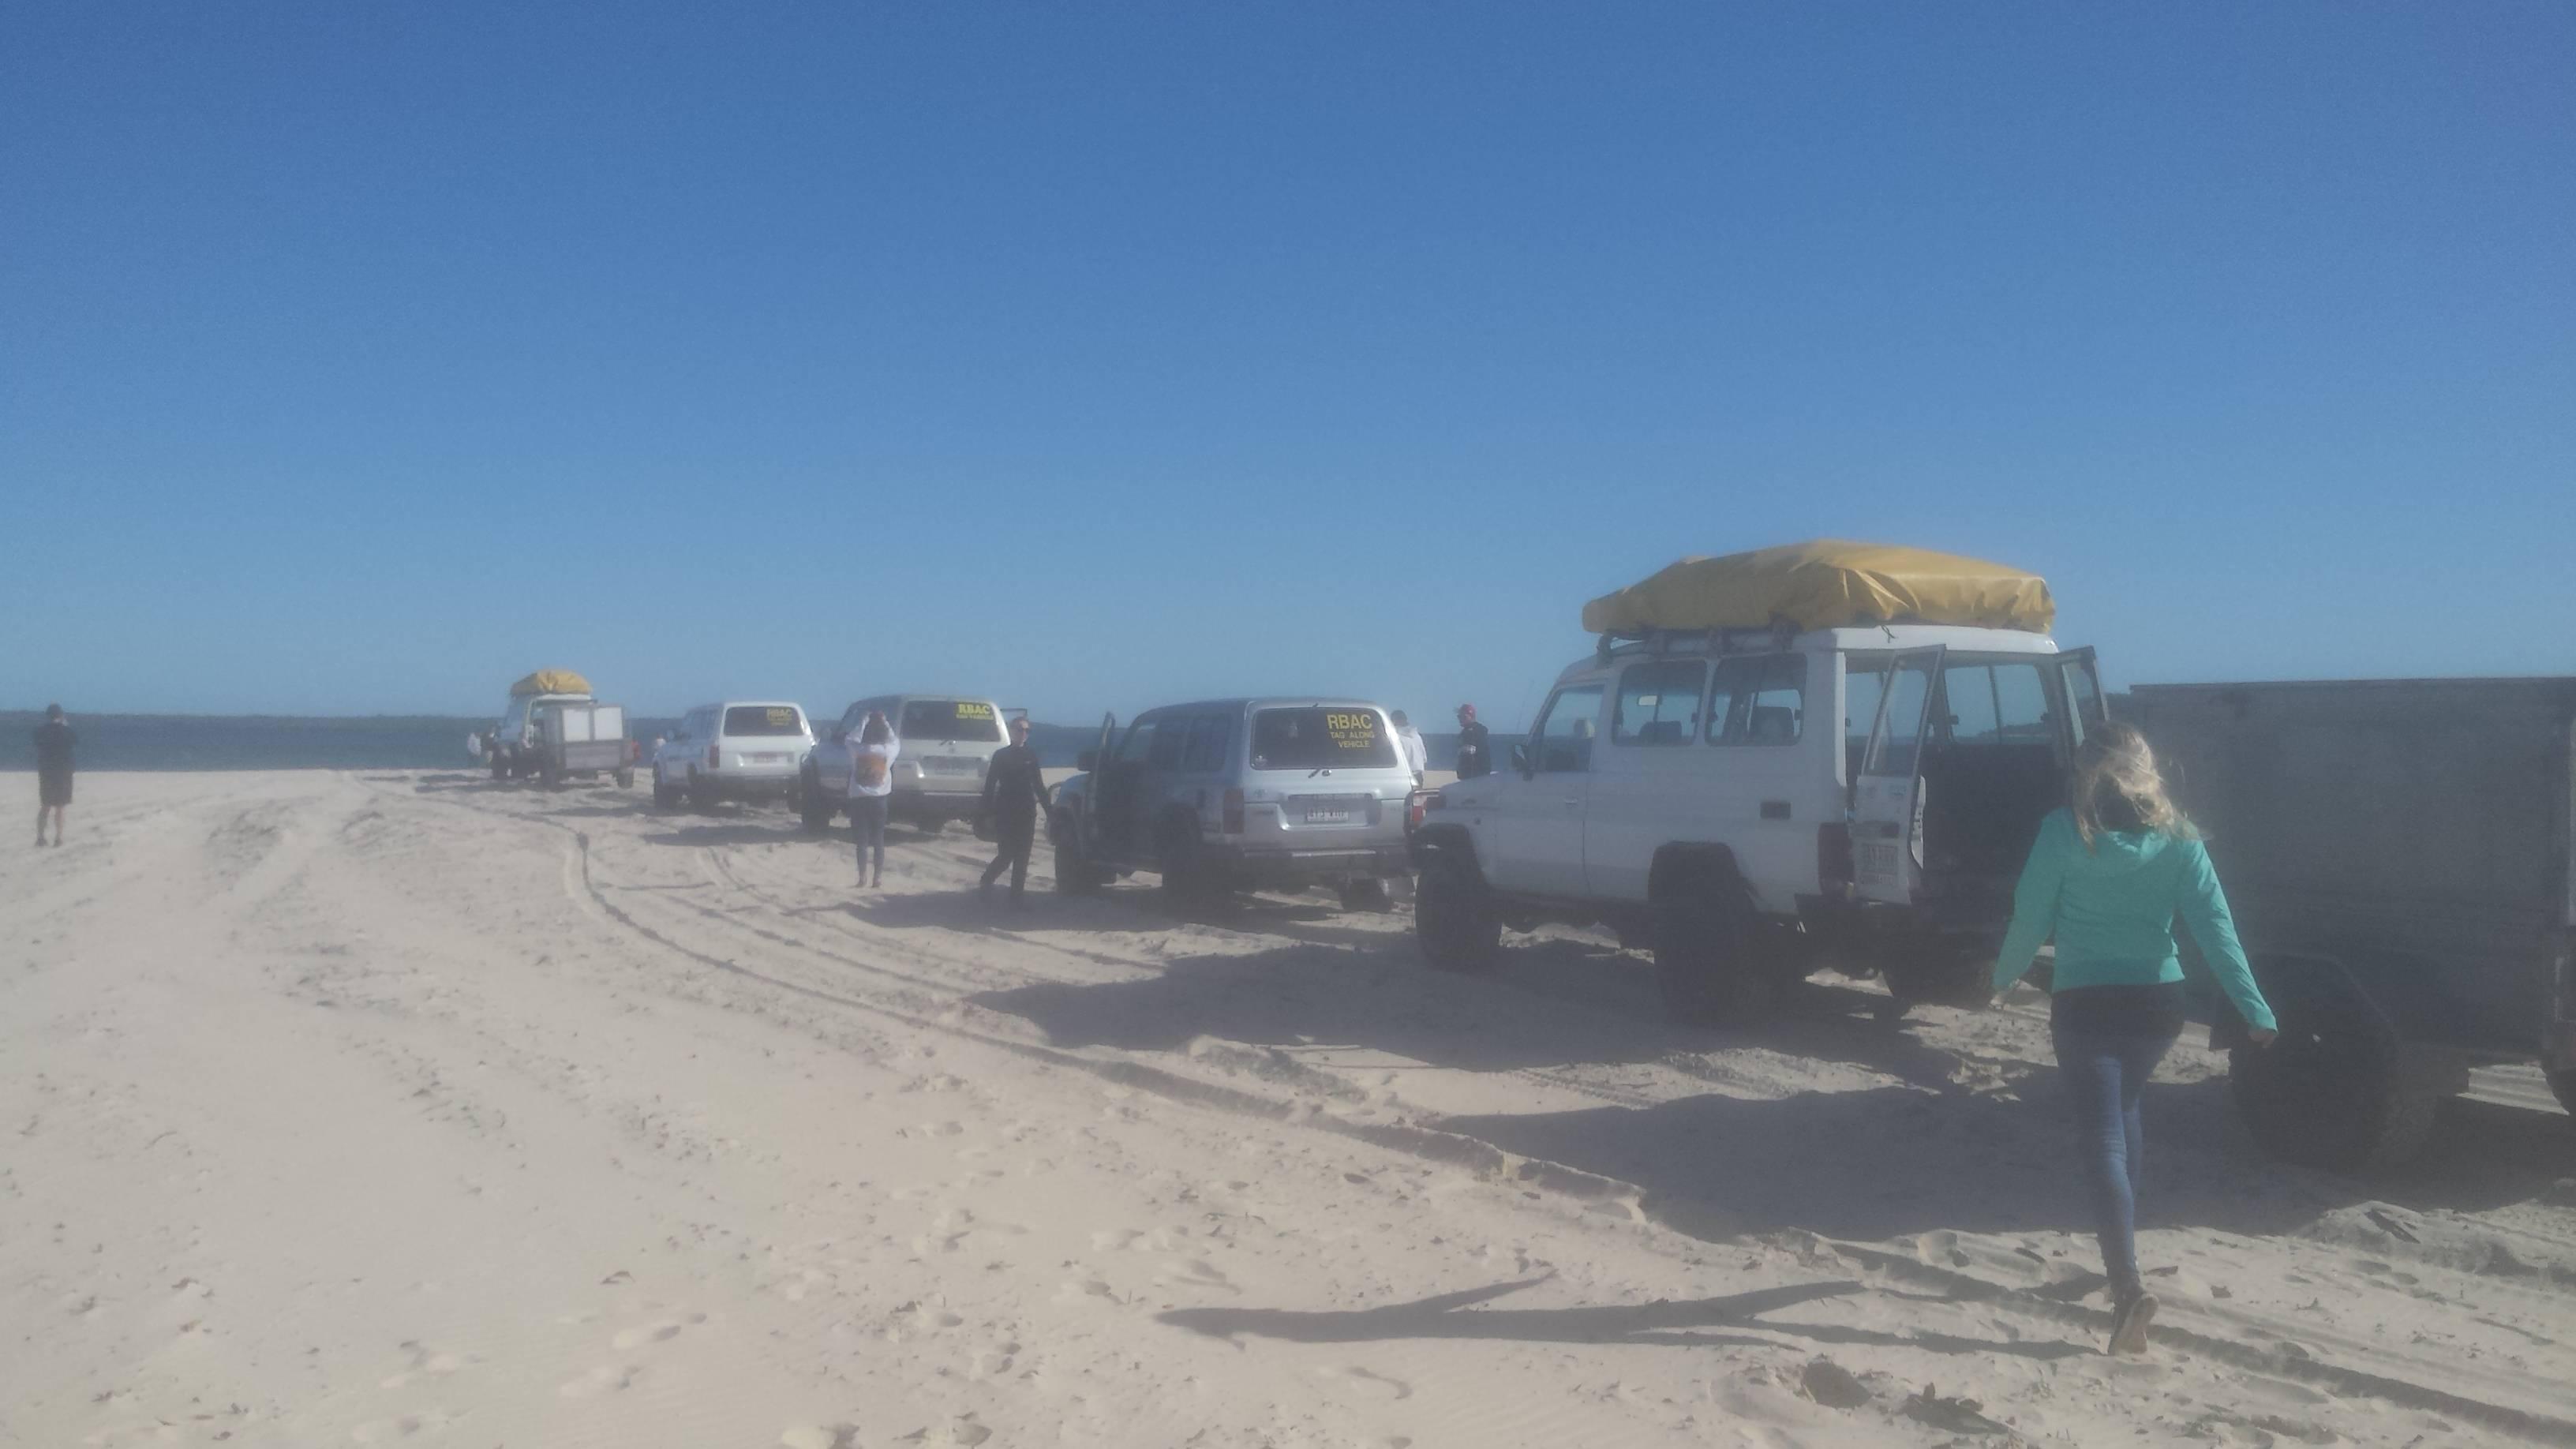 Photo 2: Fraser Island, un tour en 4x4 et des souvenirs inoubliables !